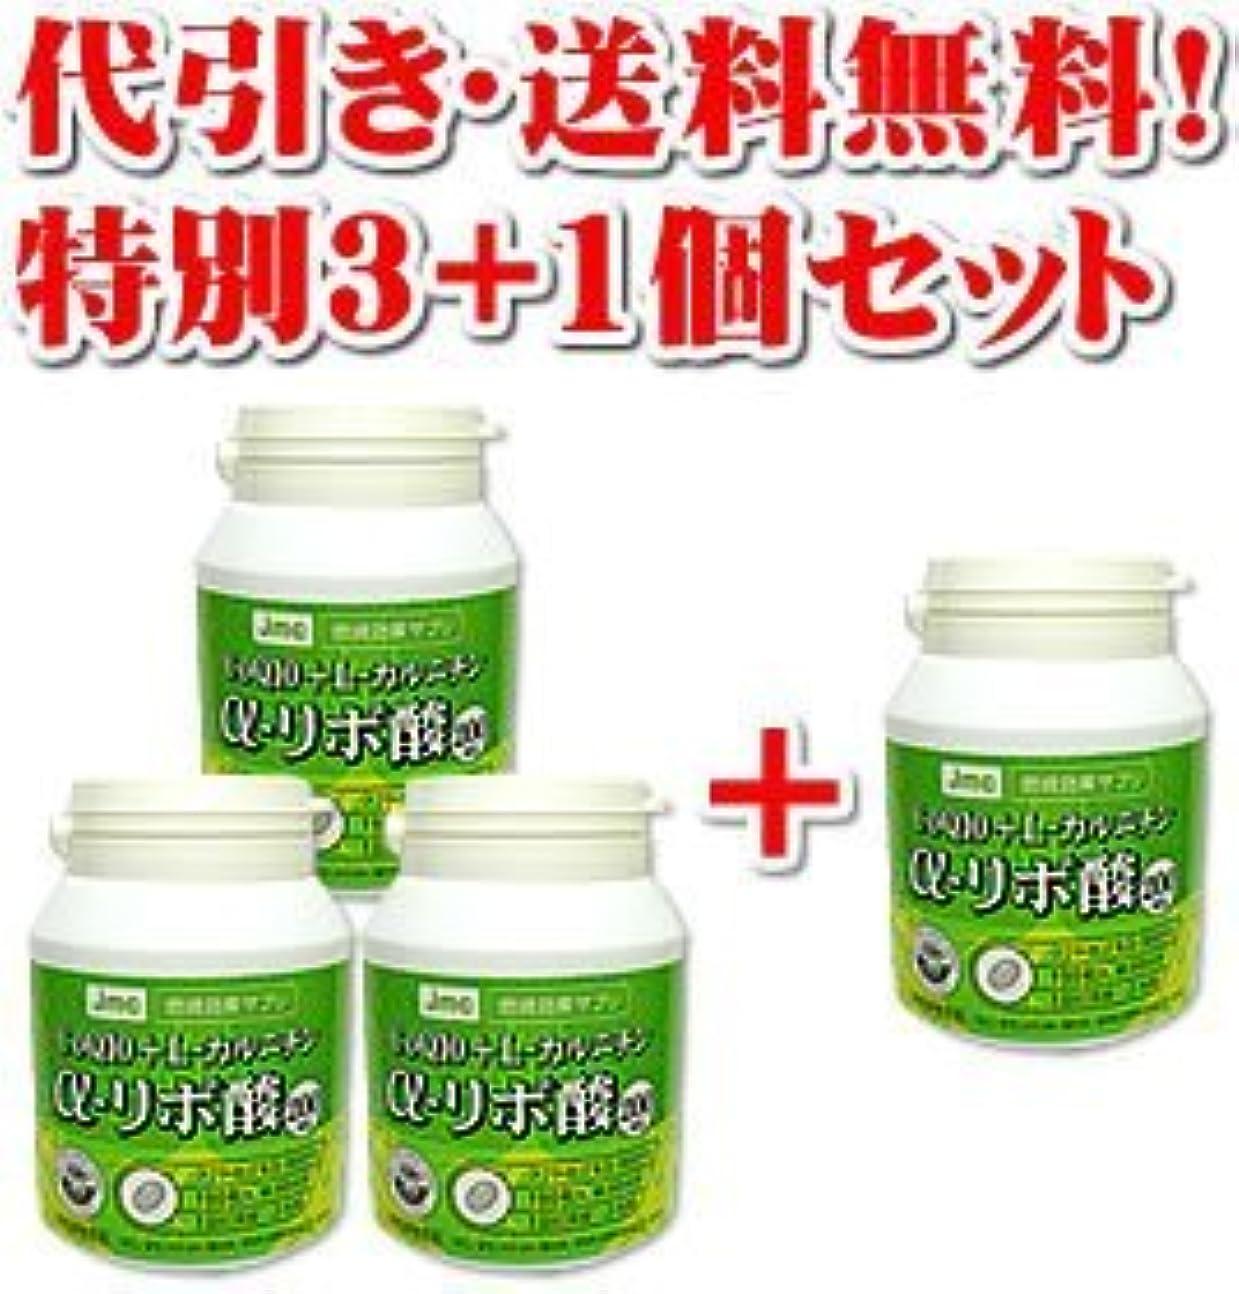 α-リポ酸200mg(ダイエットの4大成分を1粒に凝縮)4個セット